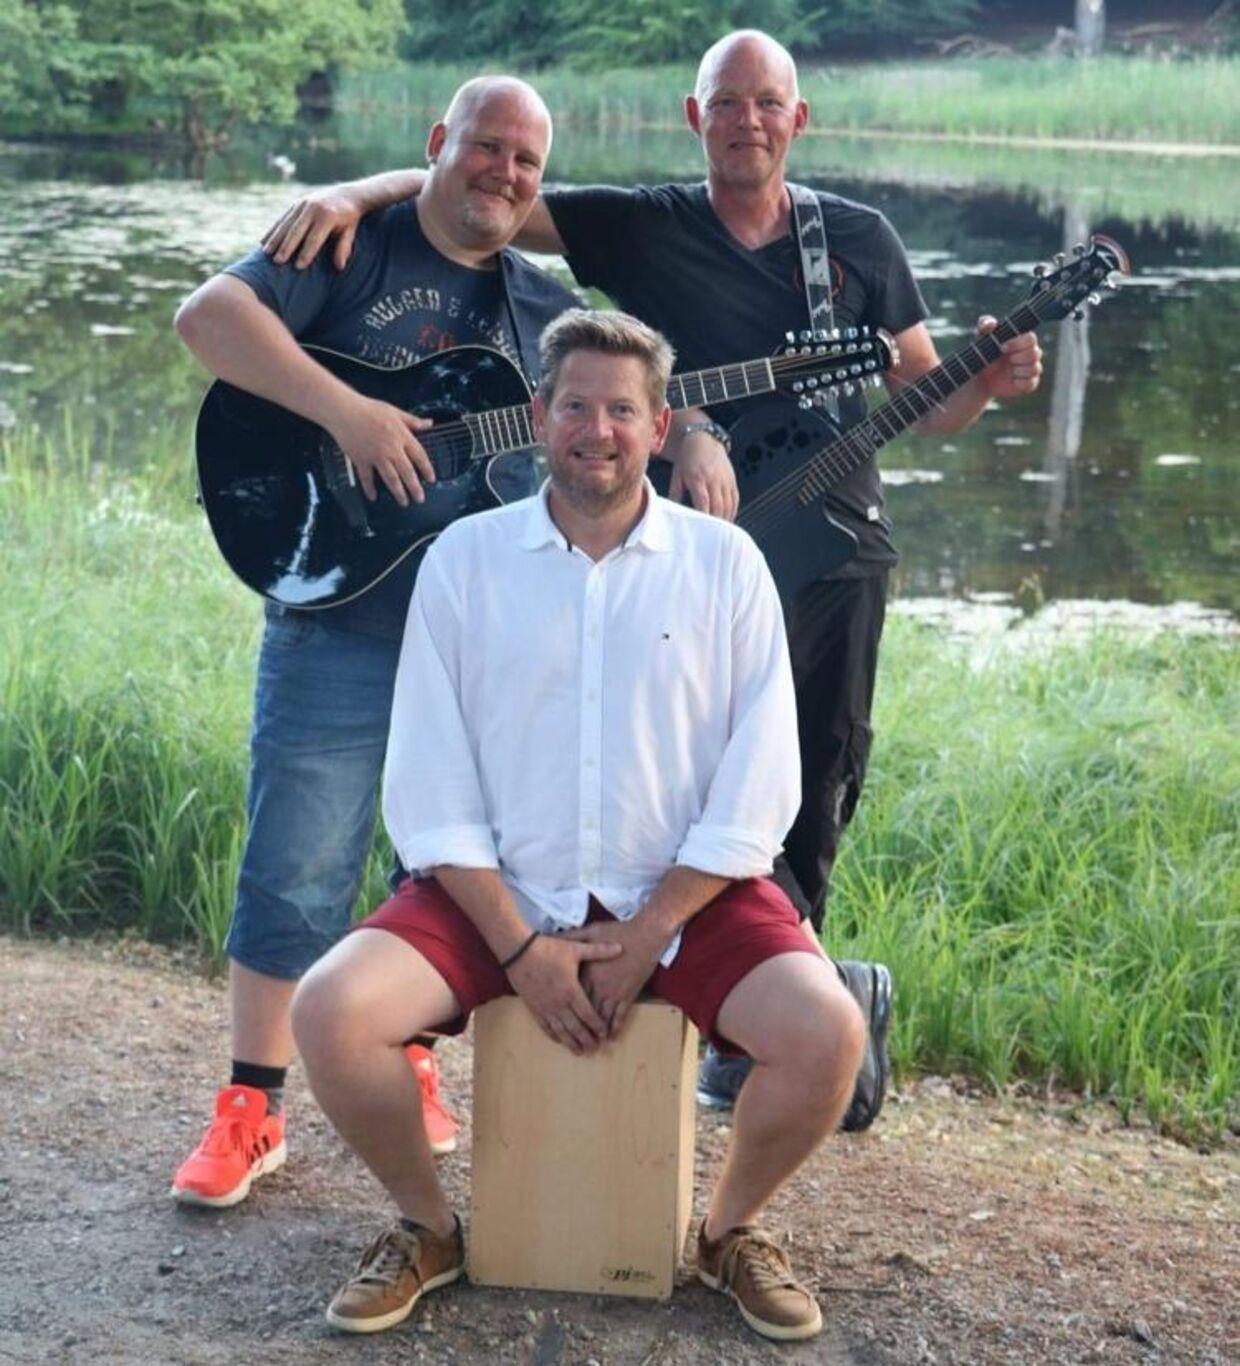 Flying Moments består af /fra venstre) 45-årige Tony Eichen, 50-årige René Hultgreen og 51-årige Flemming Buchhave Nielsen.